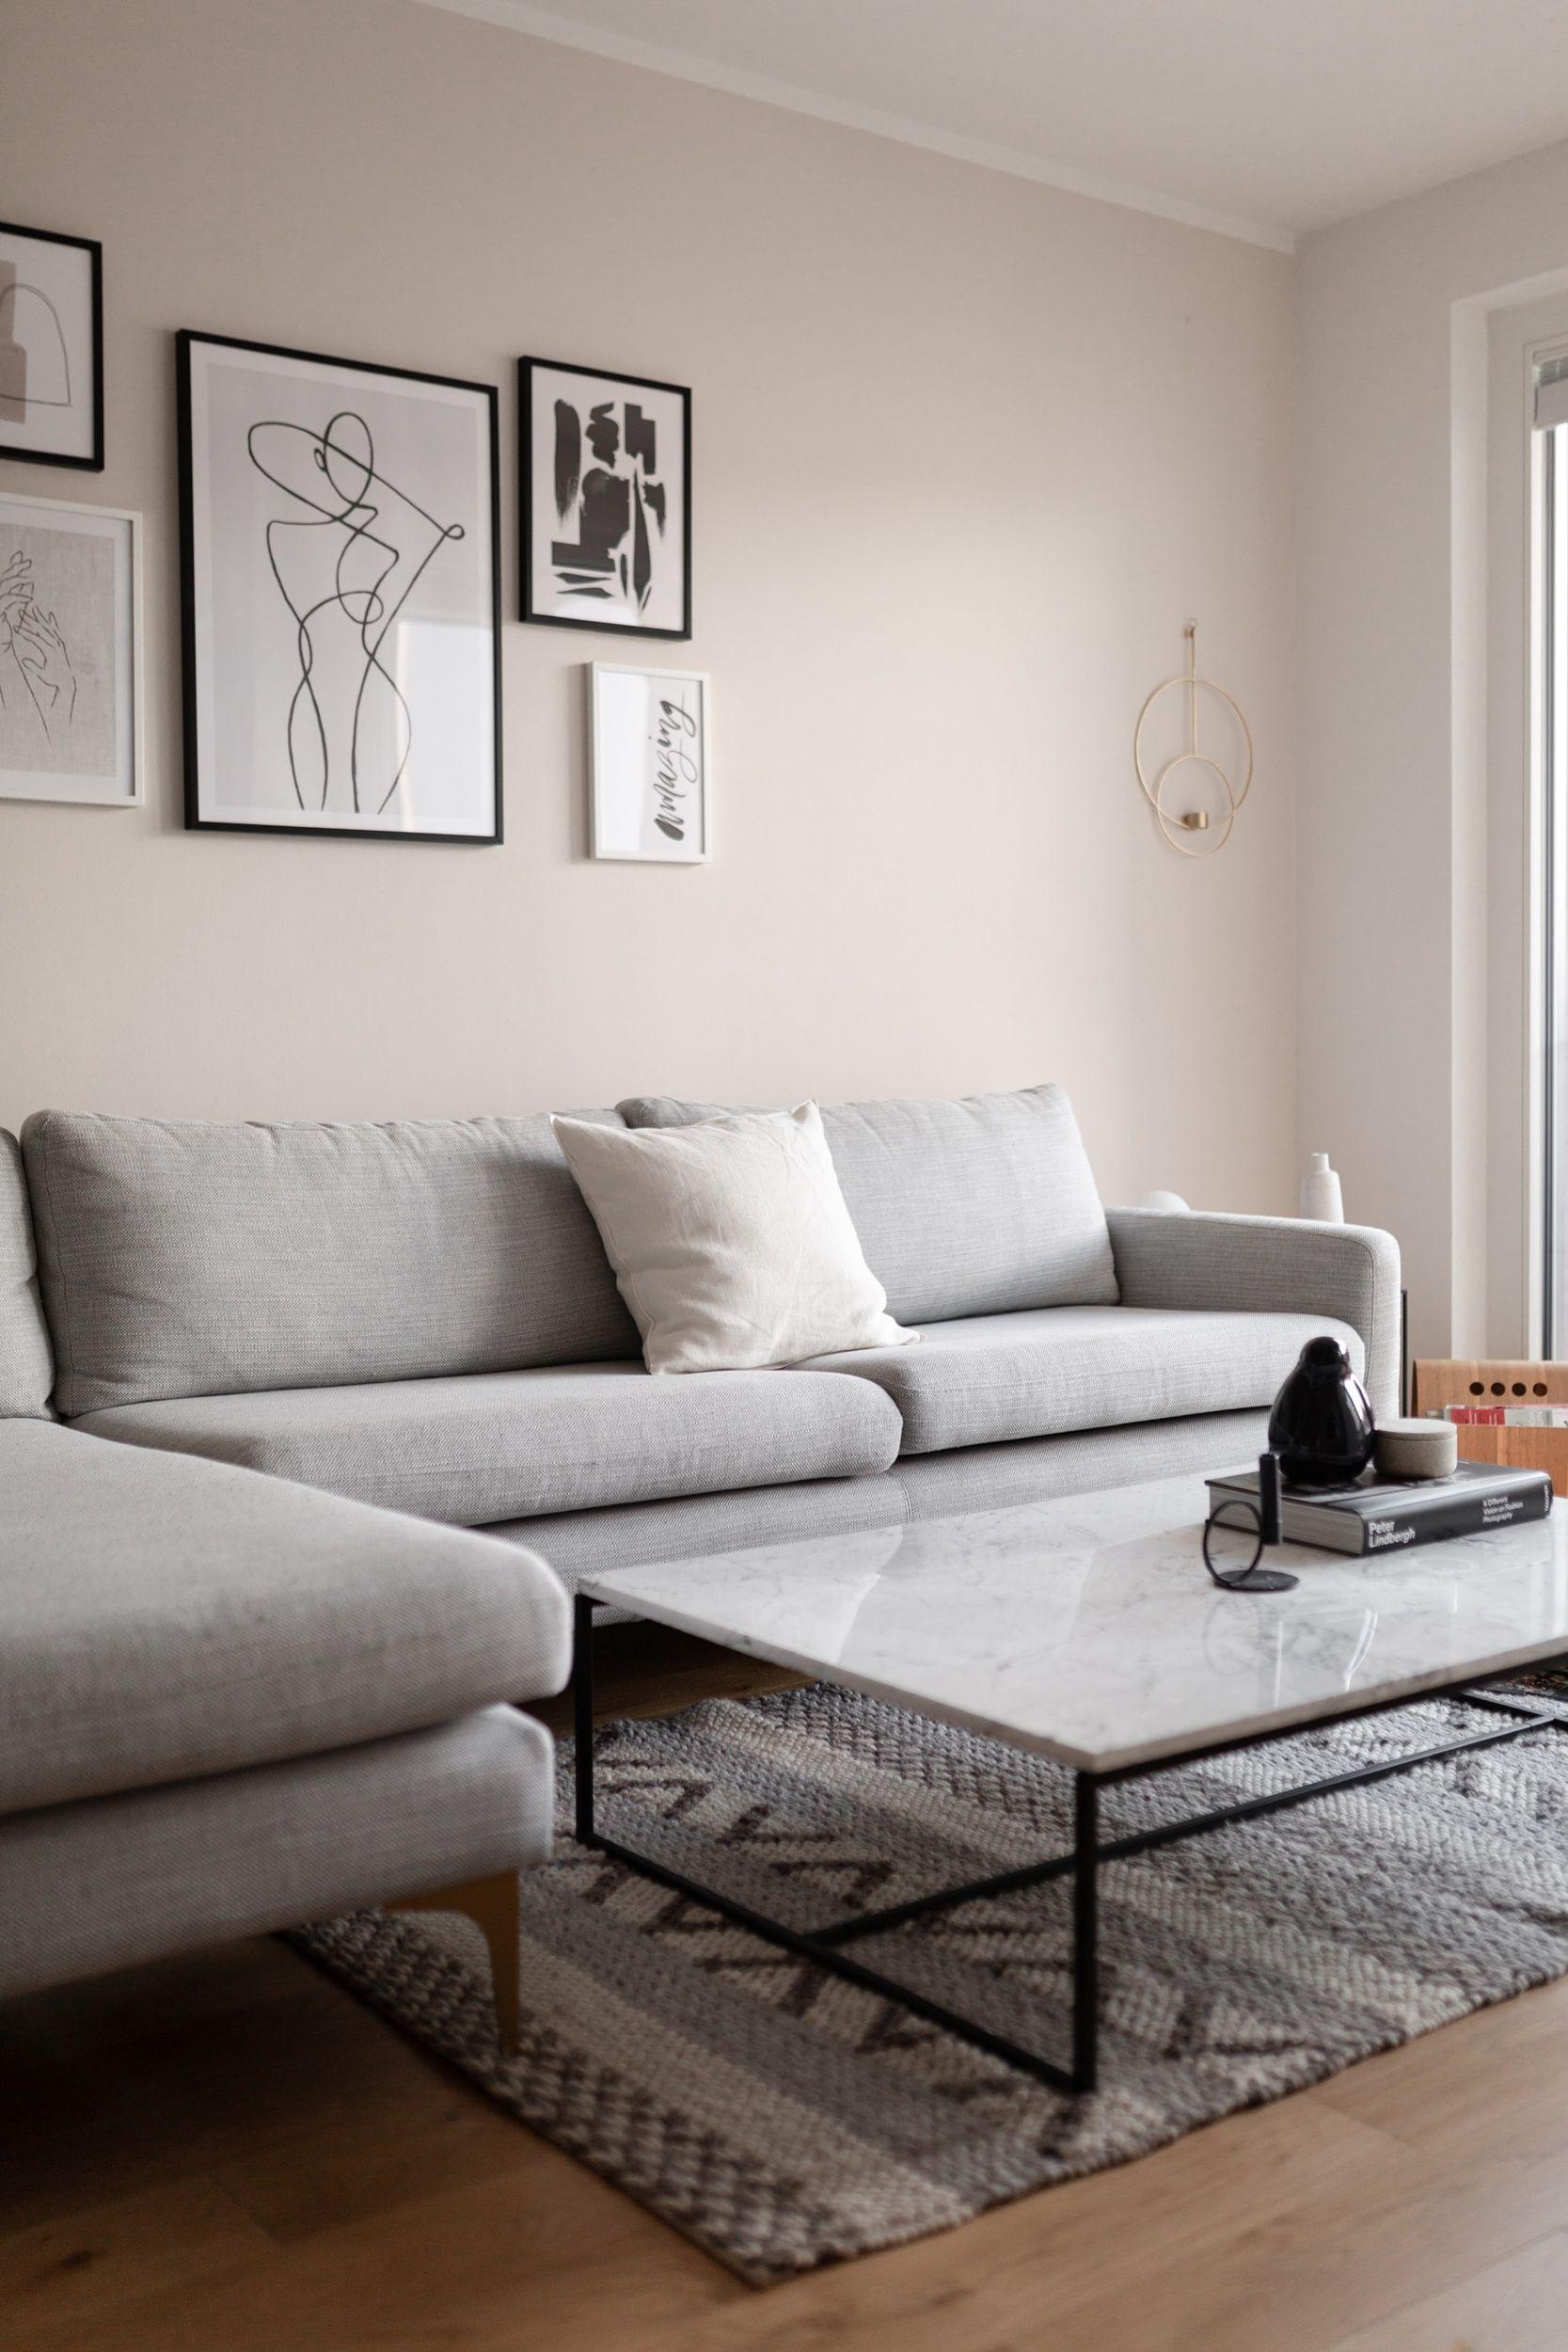 All Beige im Wohnzimmer - Wiener Wohnsinn Interior Design Blog